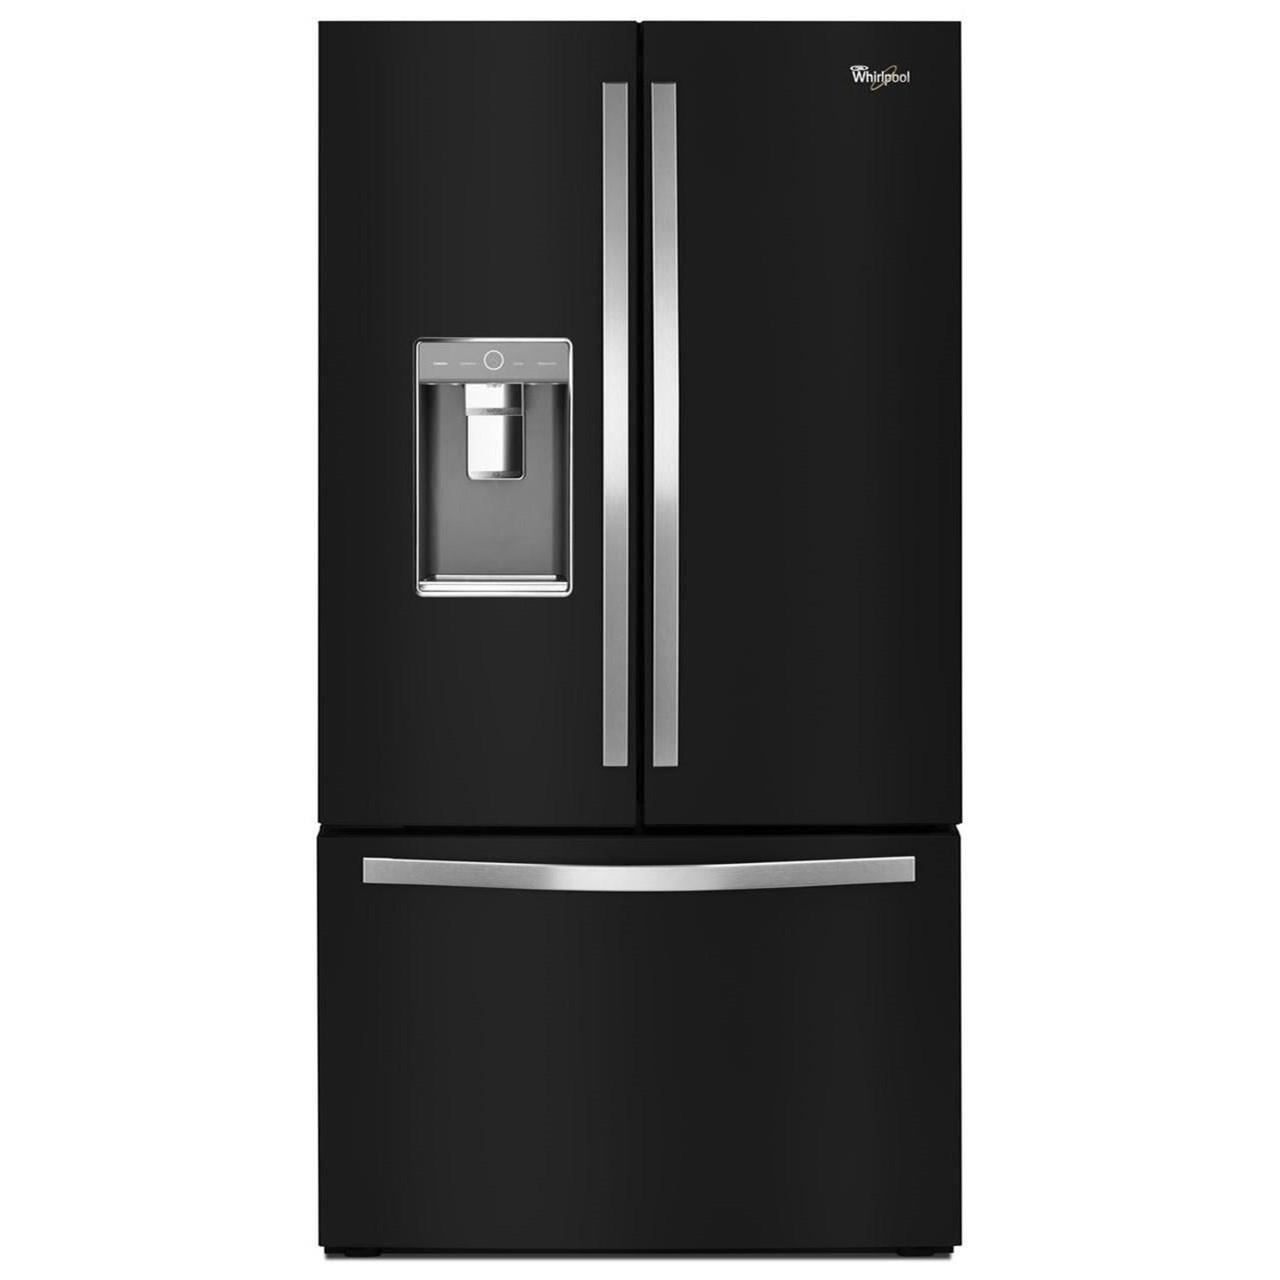 Whirlpool French Door Refrigerators 36-inch Wide French Door Refrigerator - Item Number: WRF992FIFE